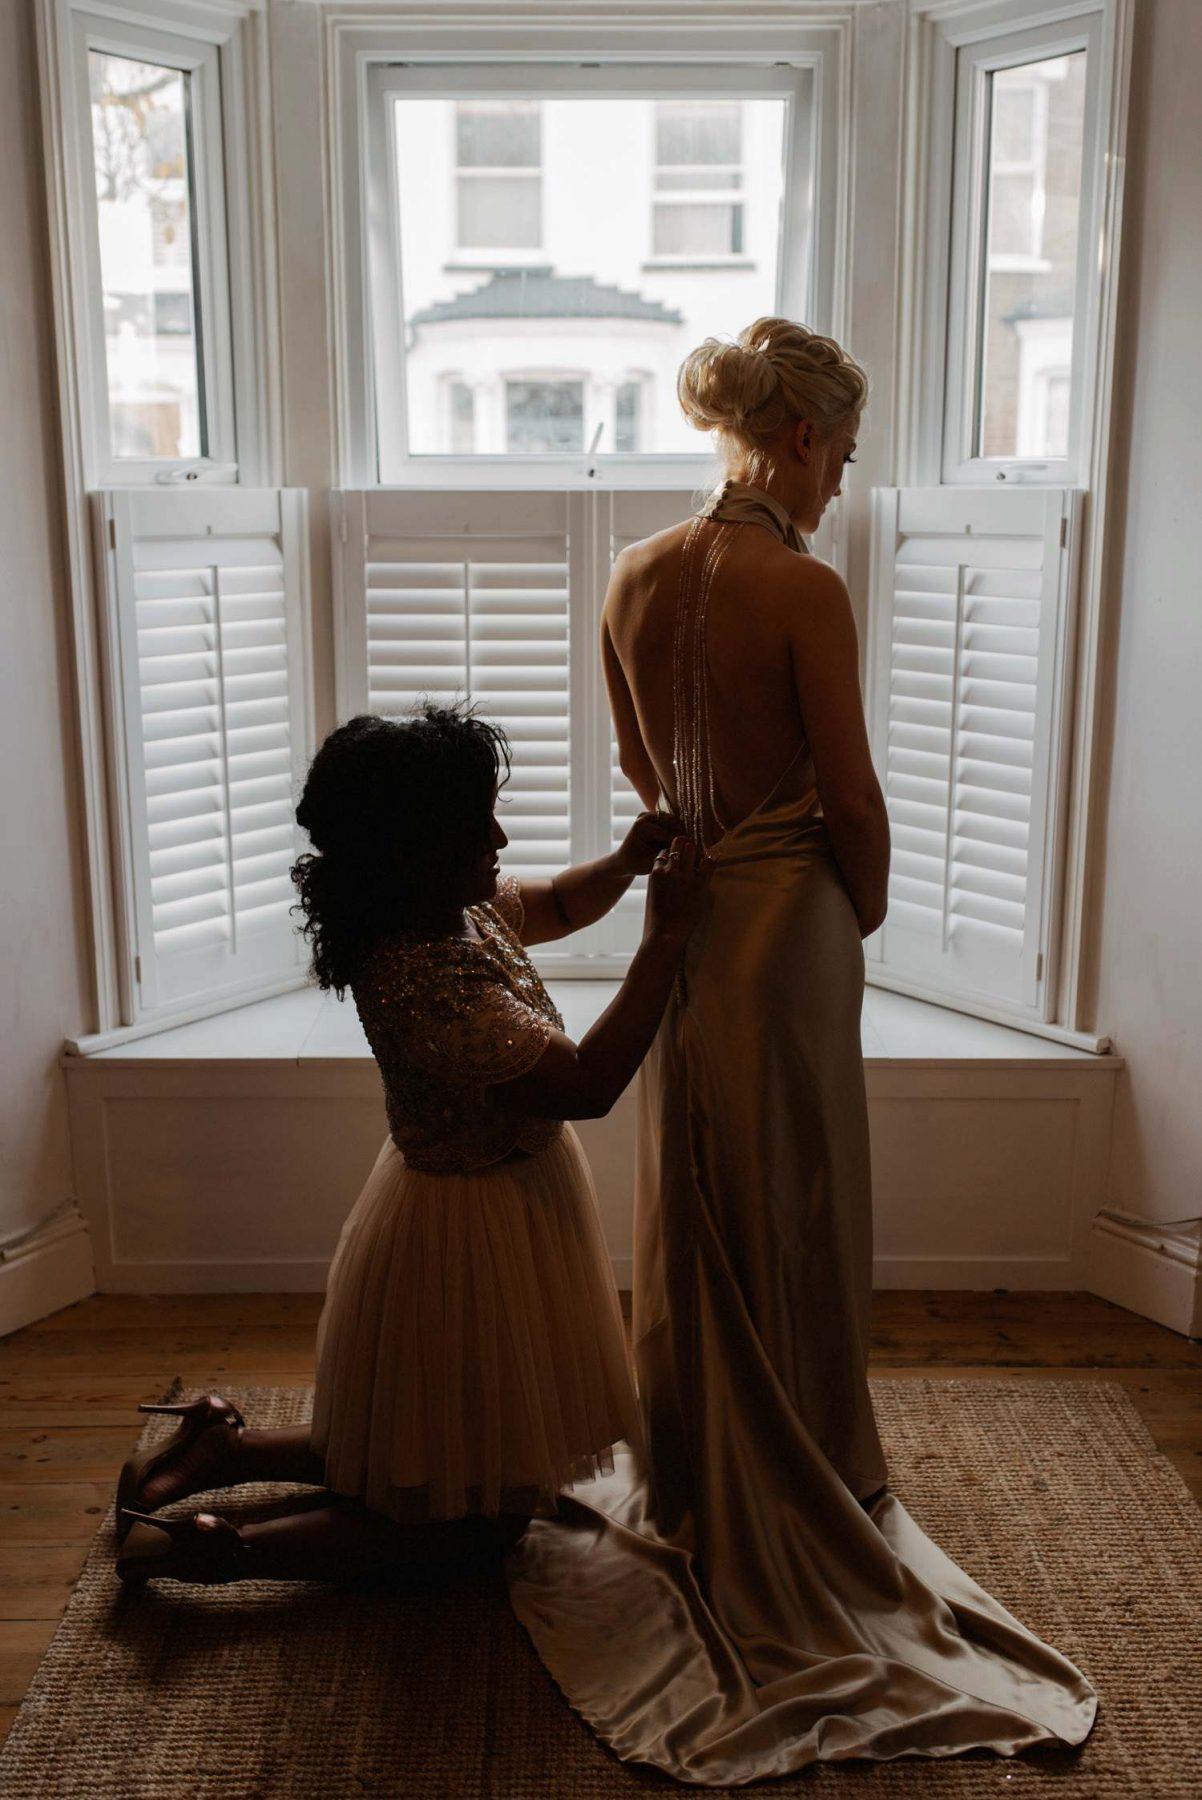 Quirky-Urban-London-Wedding-13-1202x1800.jpg